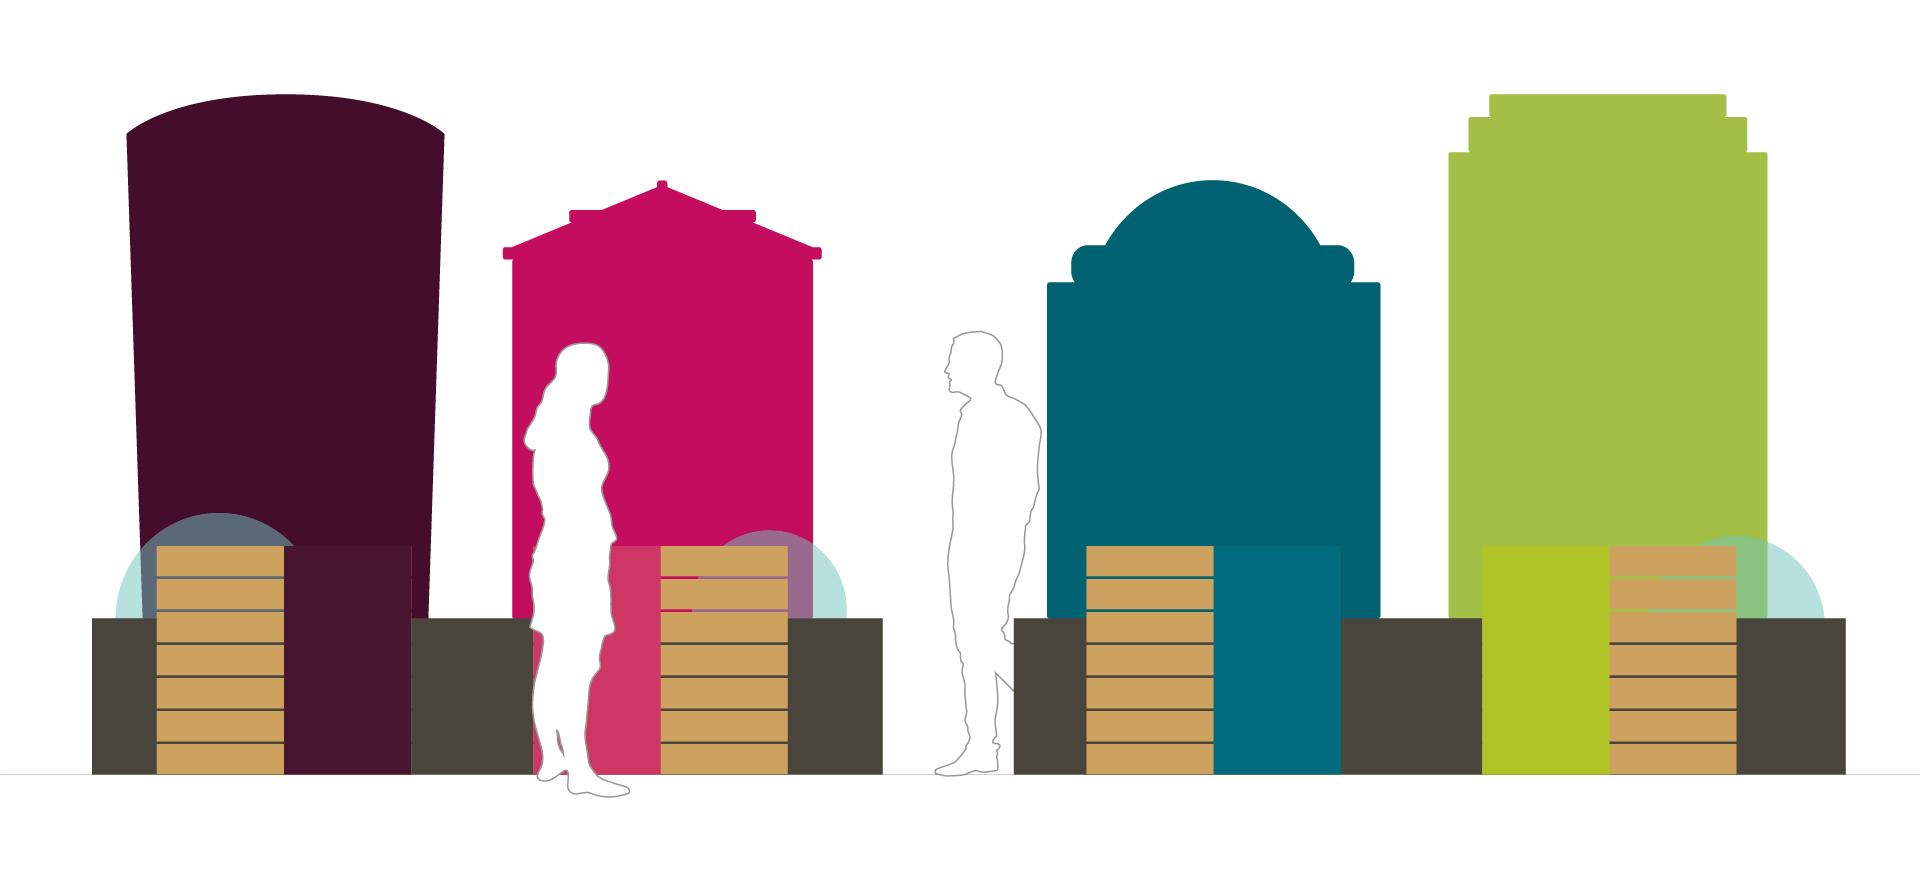 Ausstellungsdesign Grafik von Kreativagentur look design Graz am Zukunftstag 2019 fuer SFG